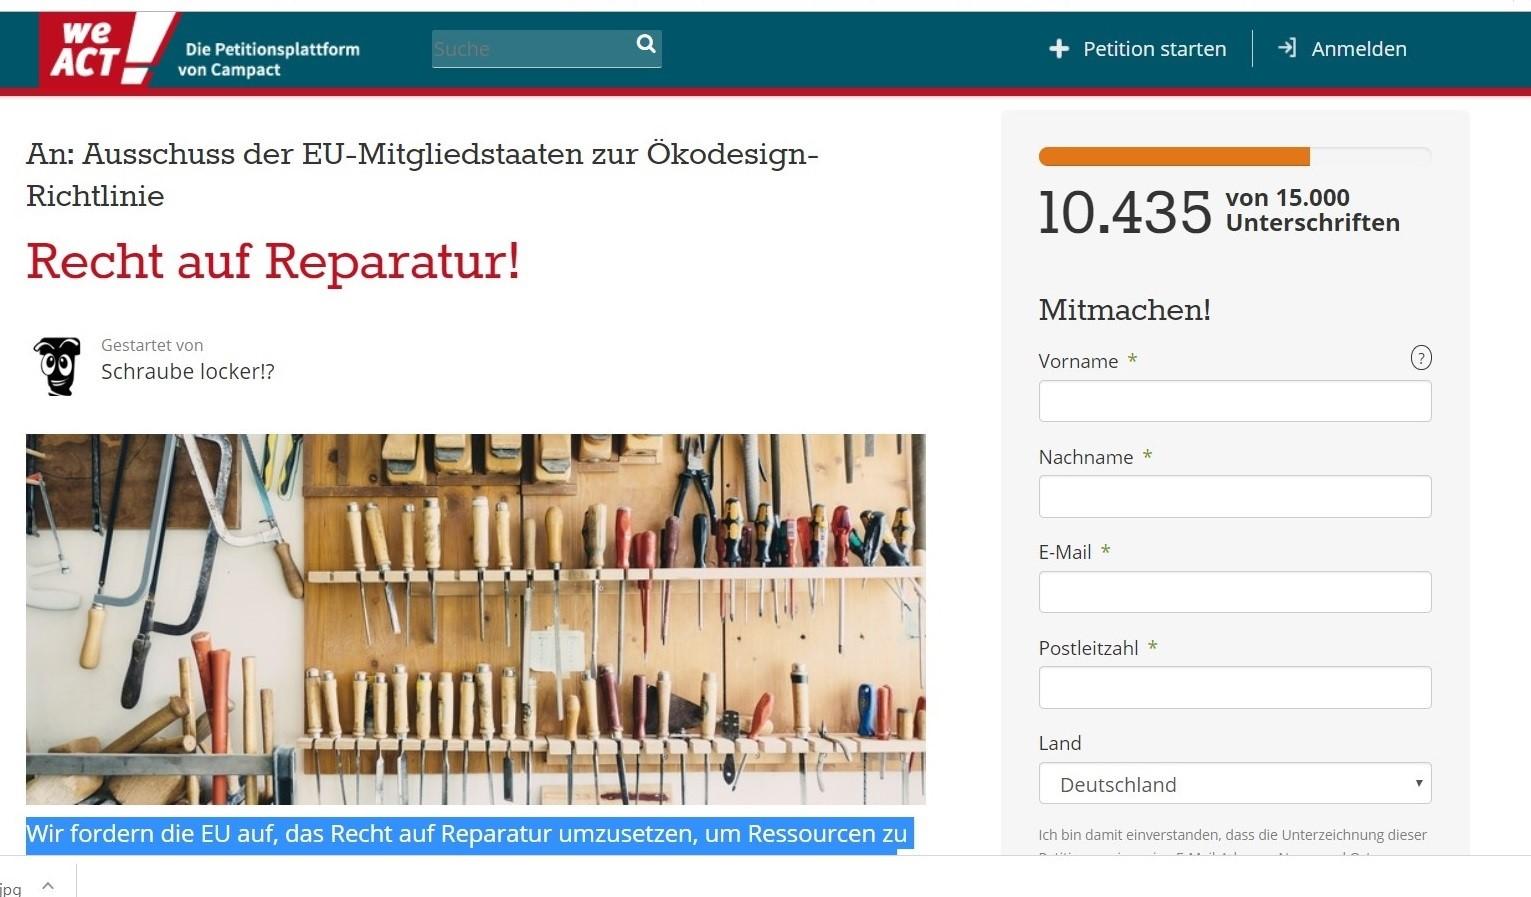 https://weact.campact.de/petitions/recht-auf-reparatur?bucket=ue-18-10-17&source=ue-18-10-17